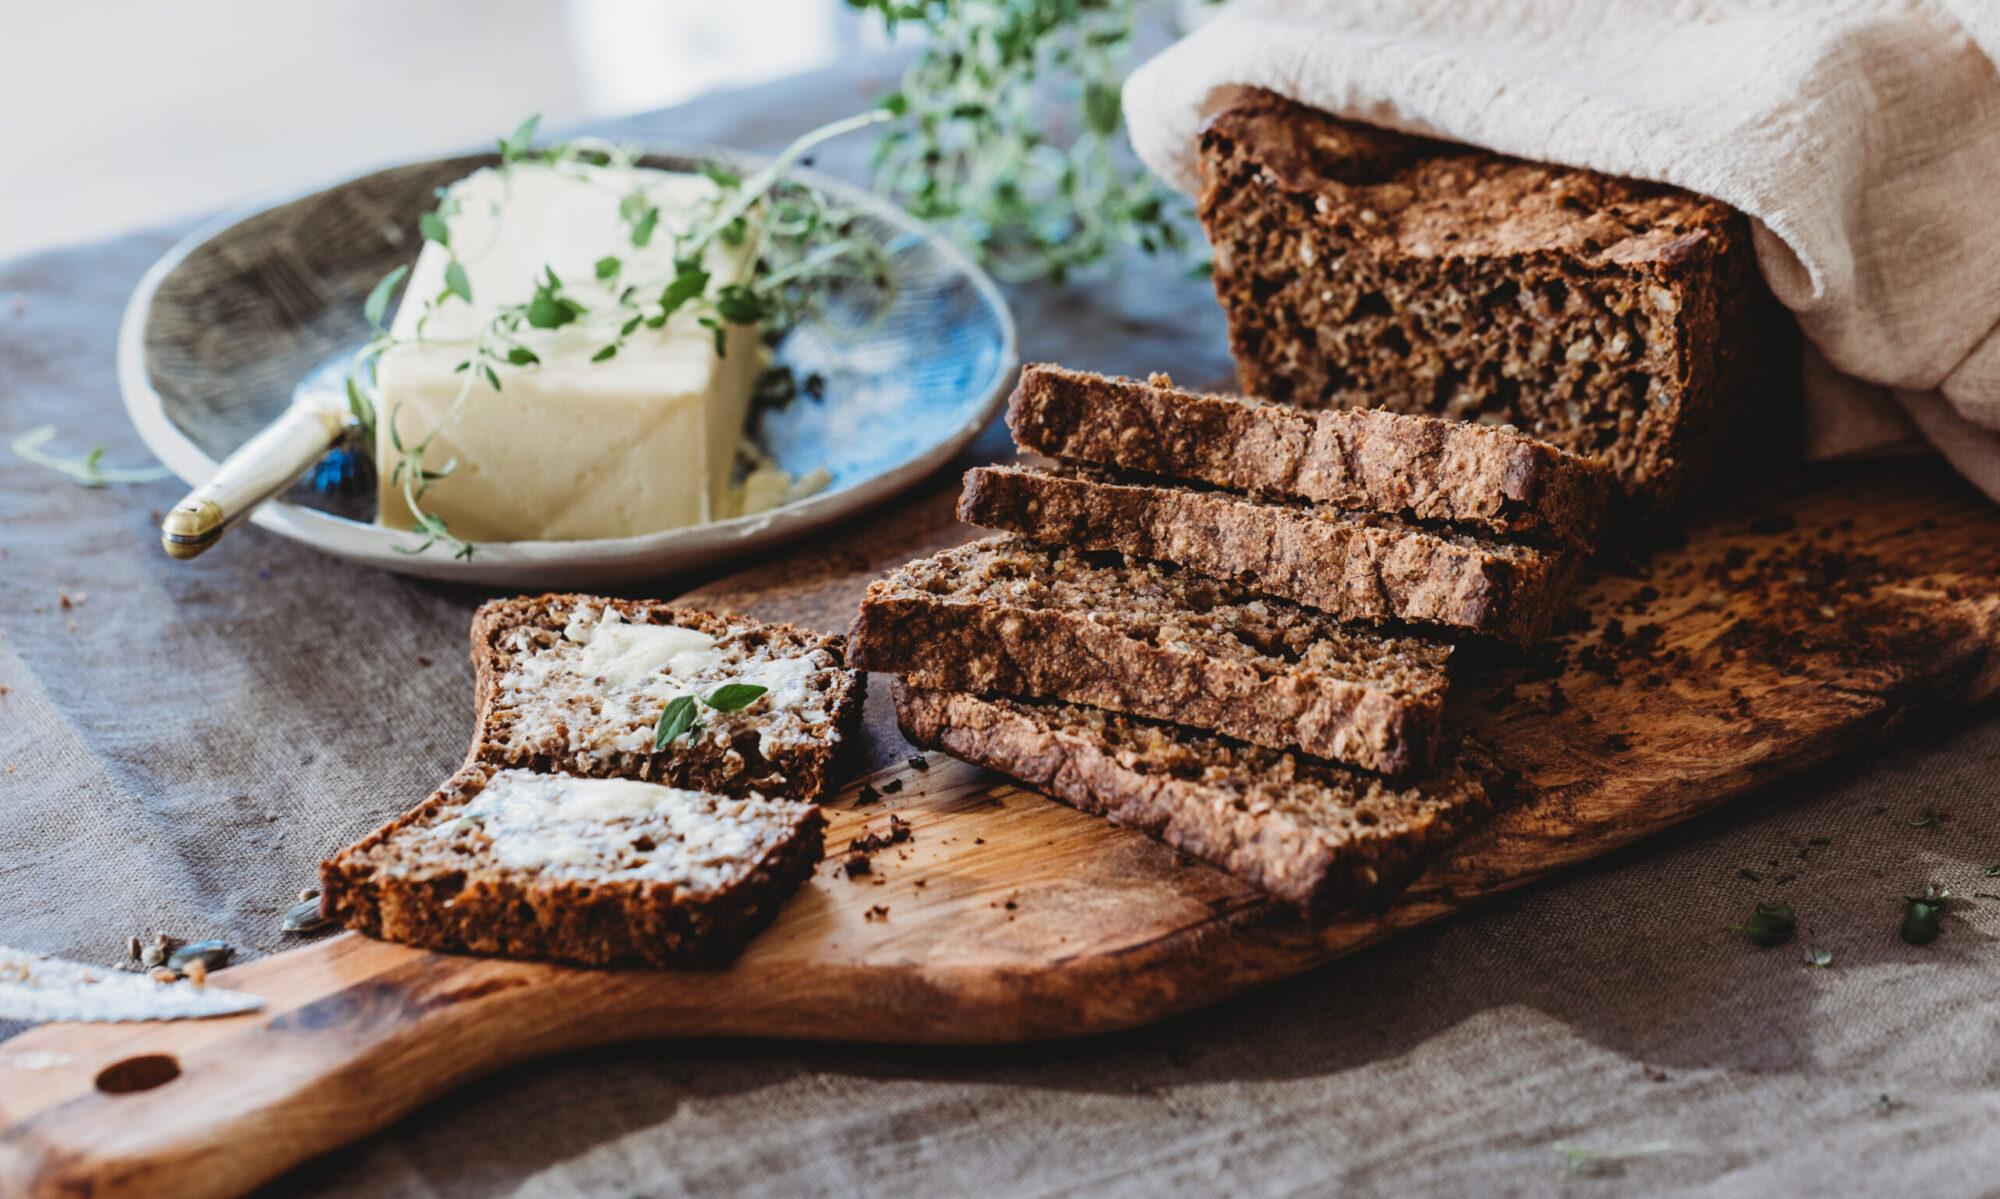 Juuretisega leiva küpsetamise komplektid